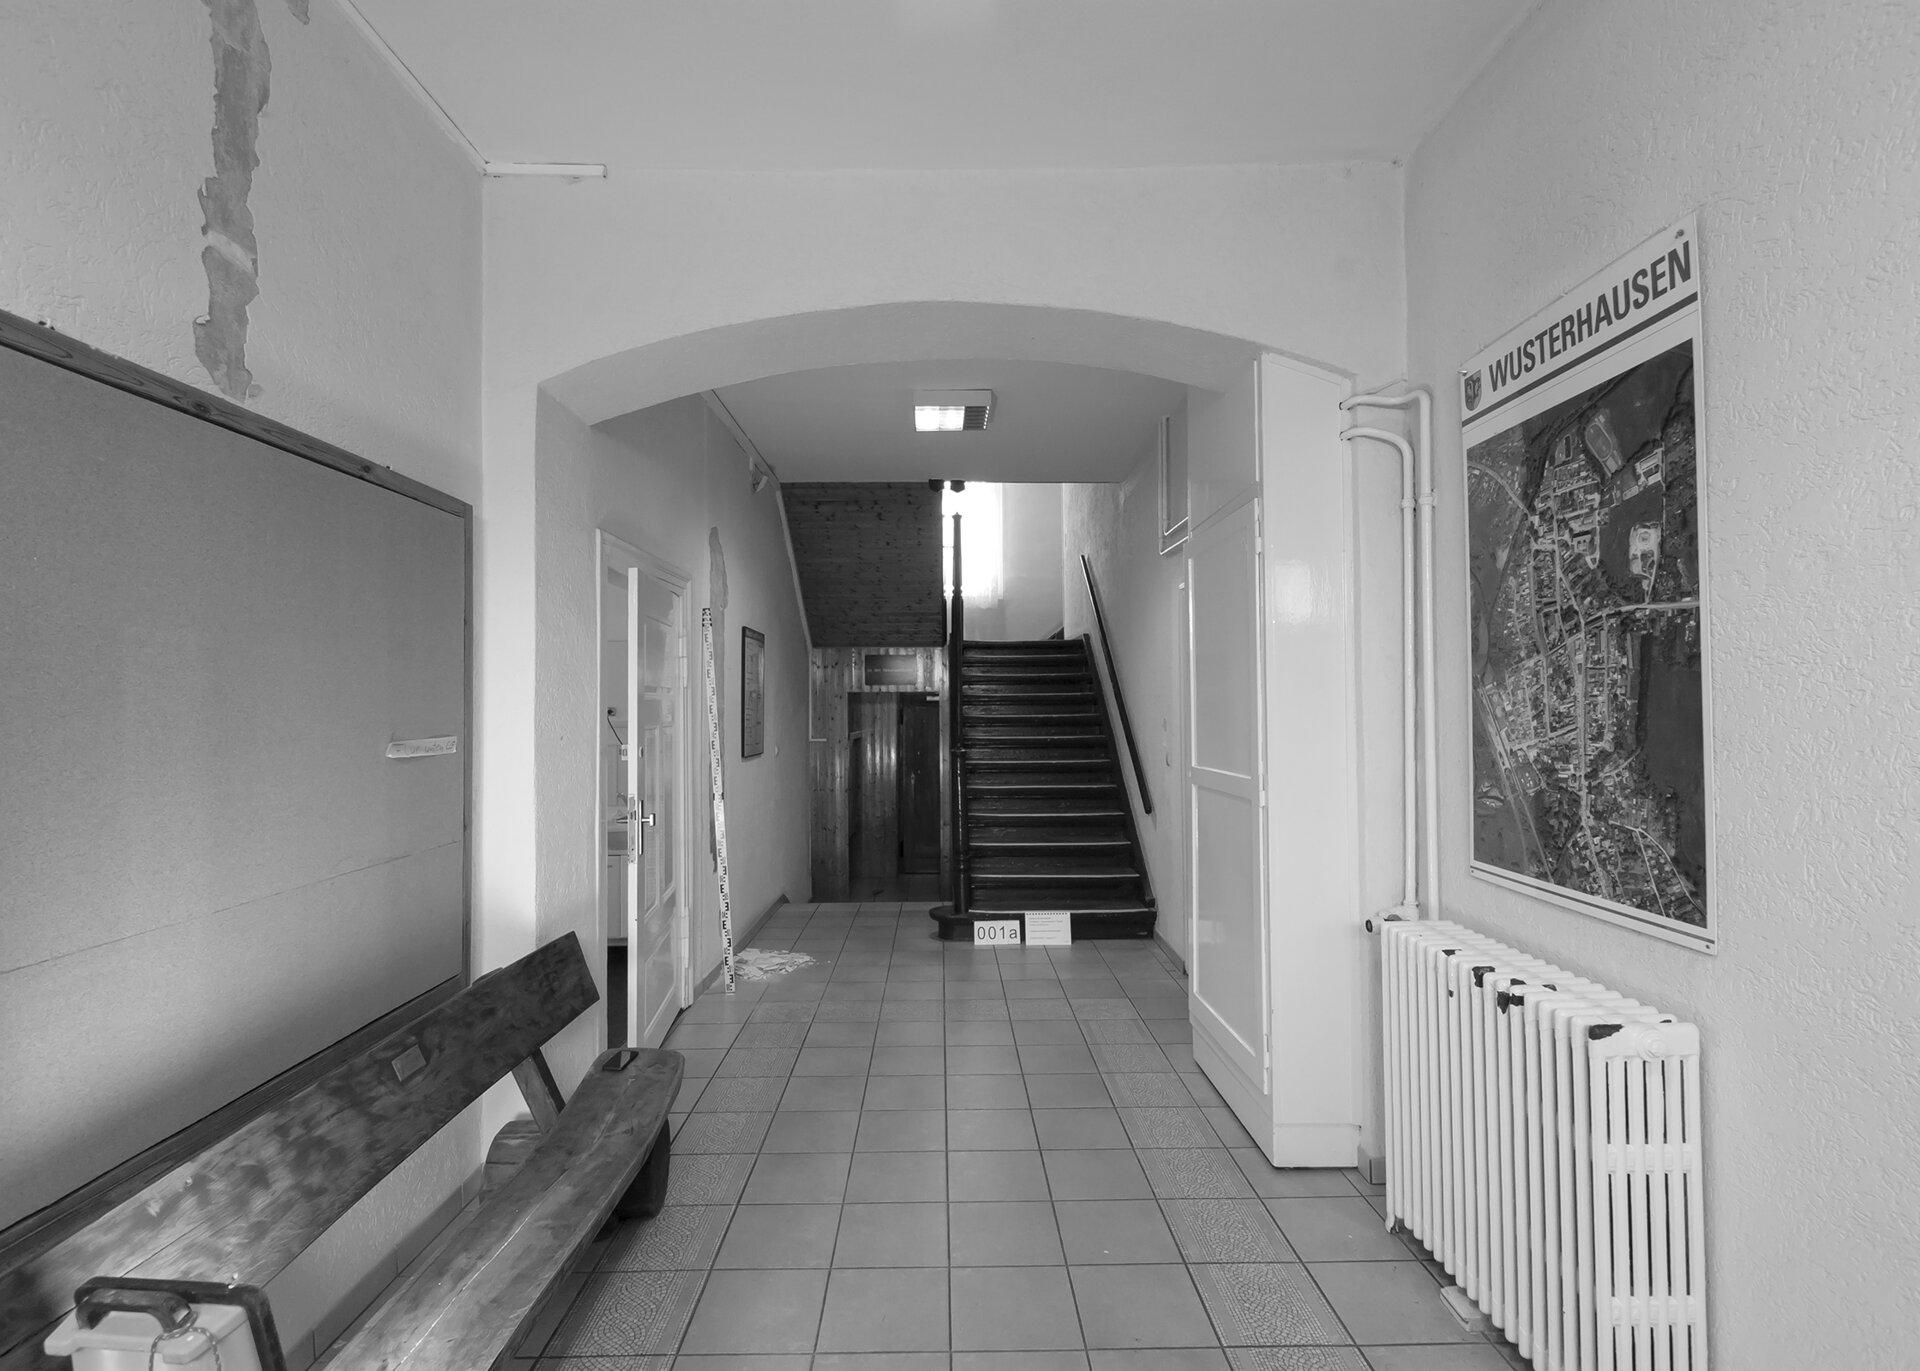 Eingang vor Sanierung Foto: gemeinde Wusterhausen/Dosse